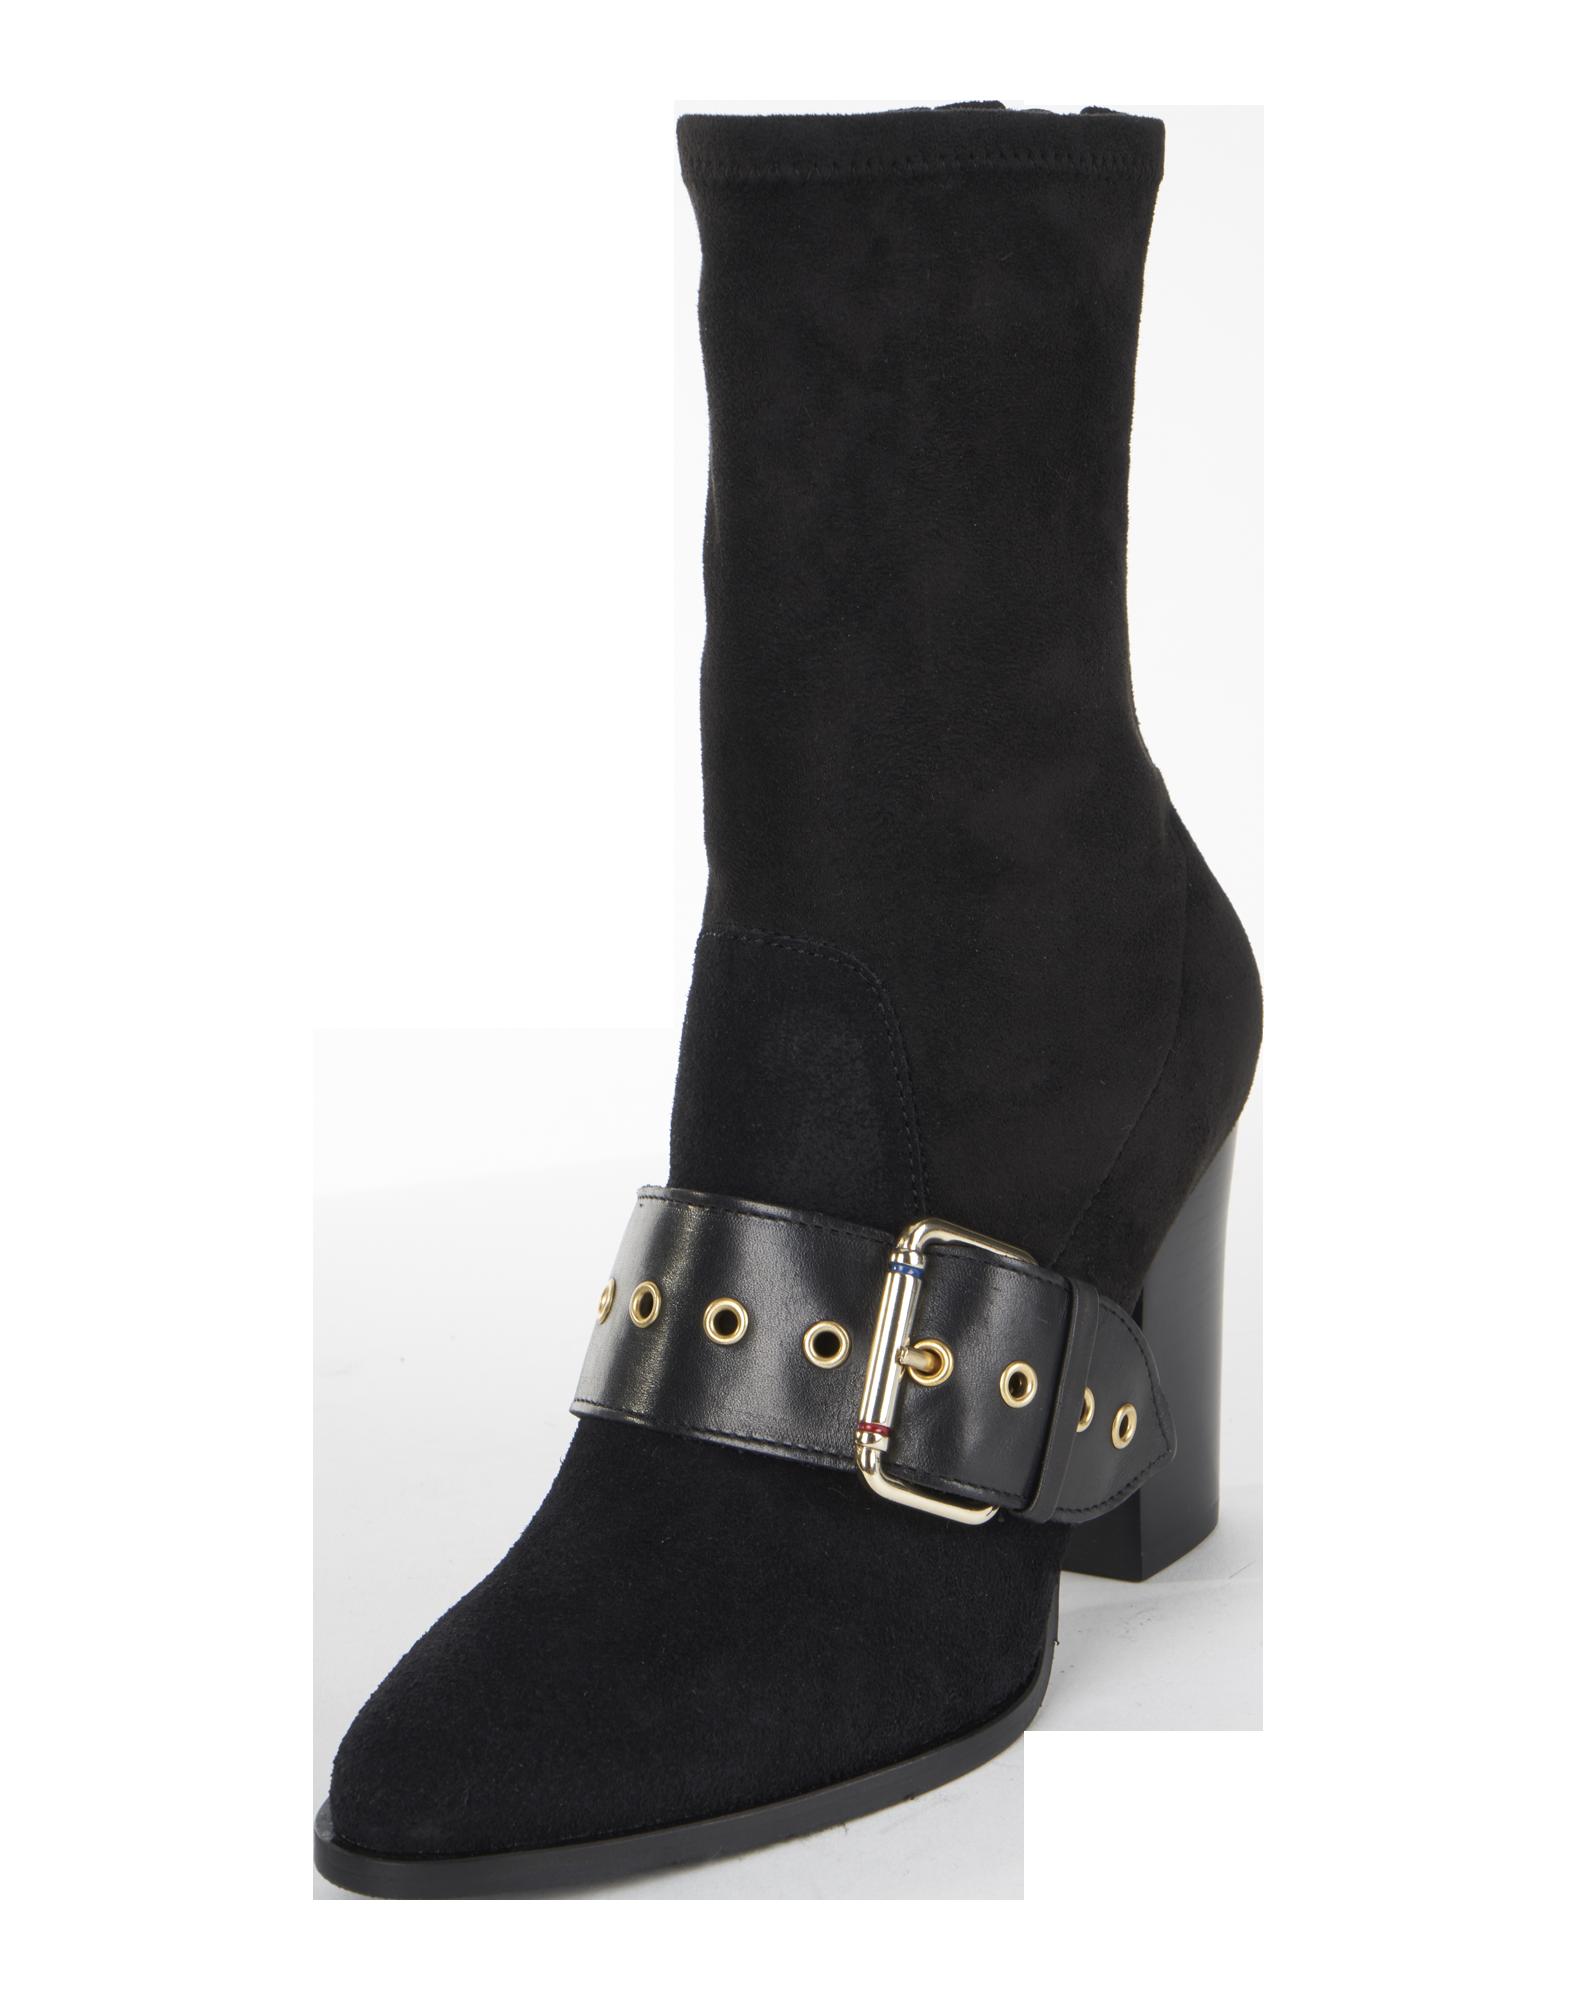 Boots 'Gigi Hadid' nieuwe ilFdA